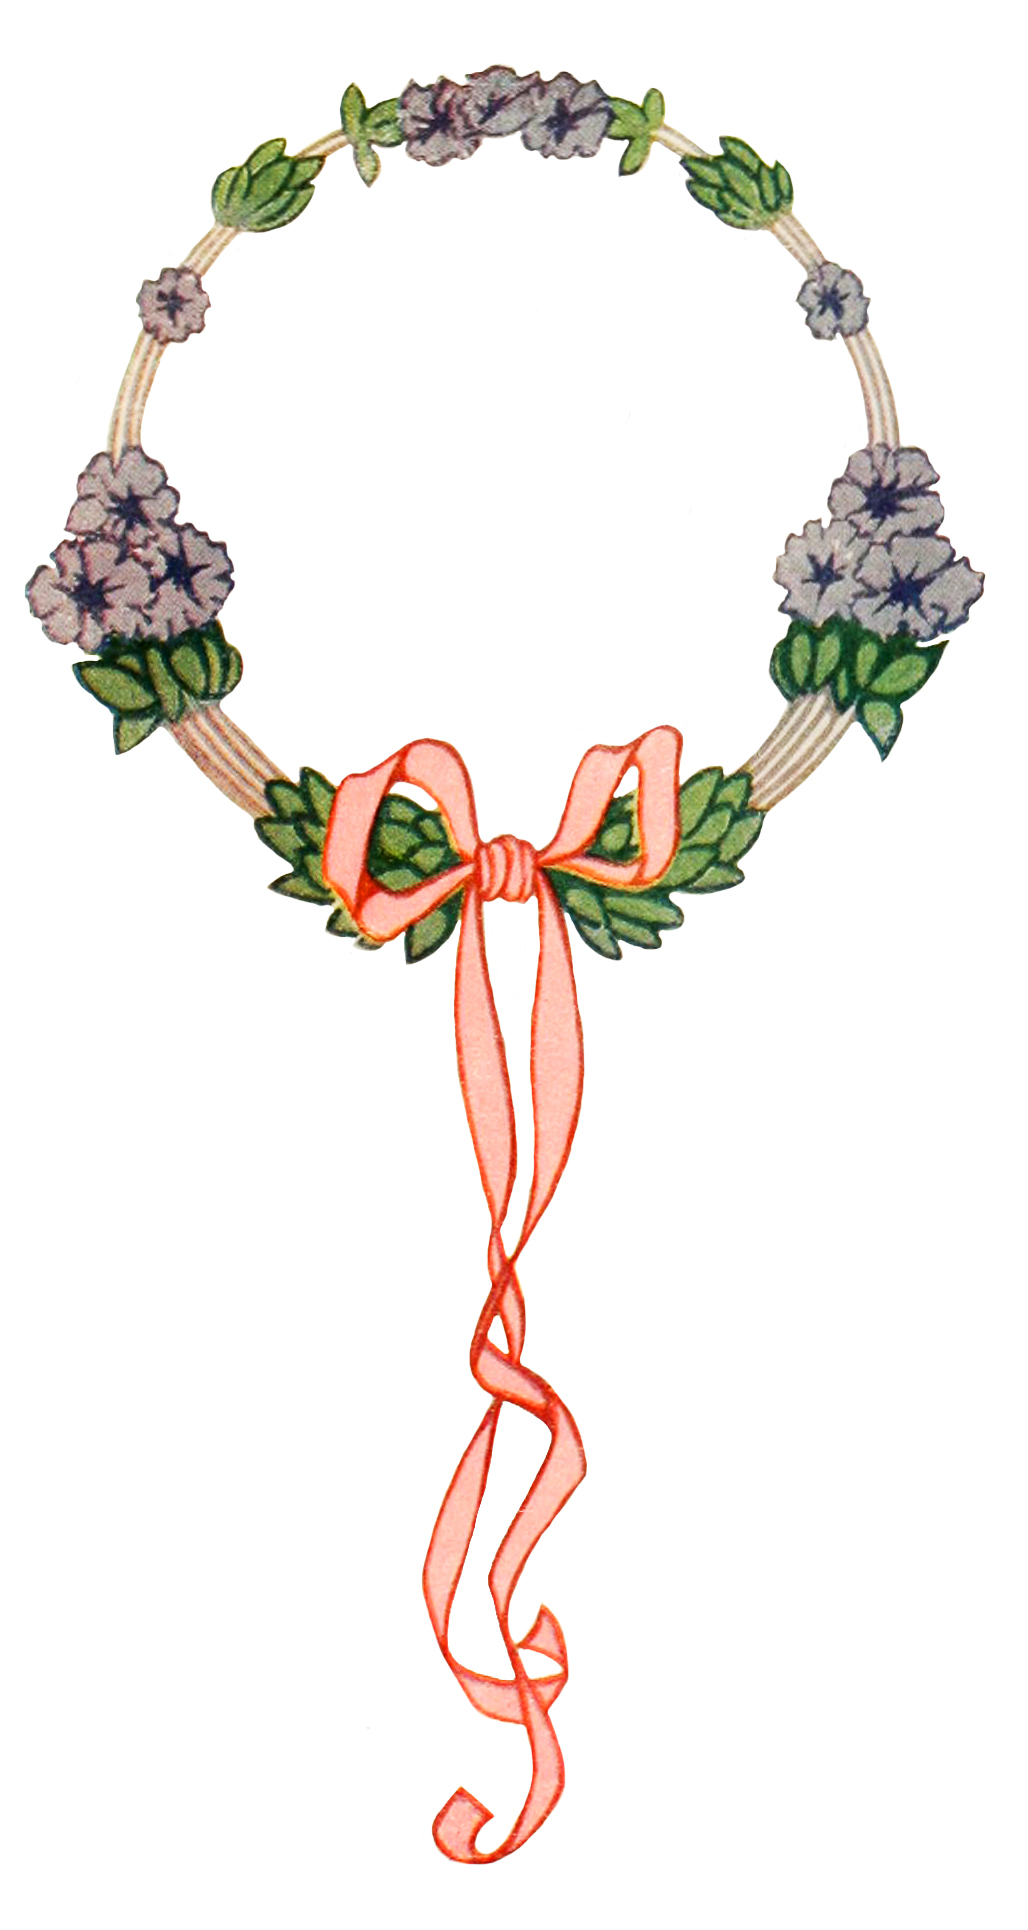 art nouveau flower wreath